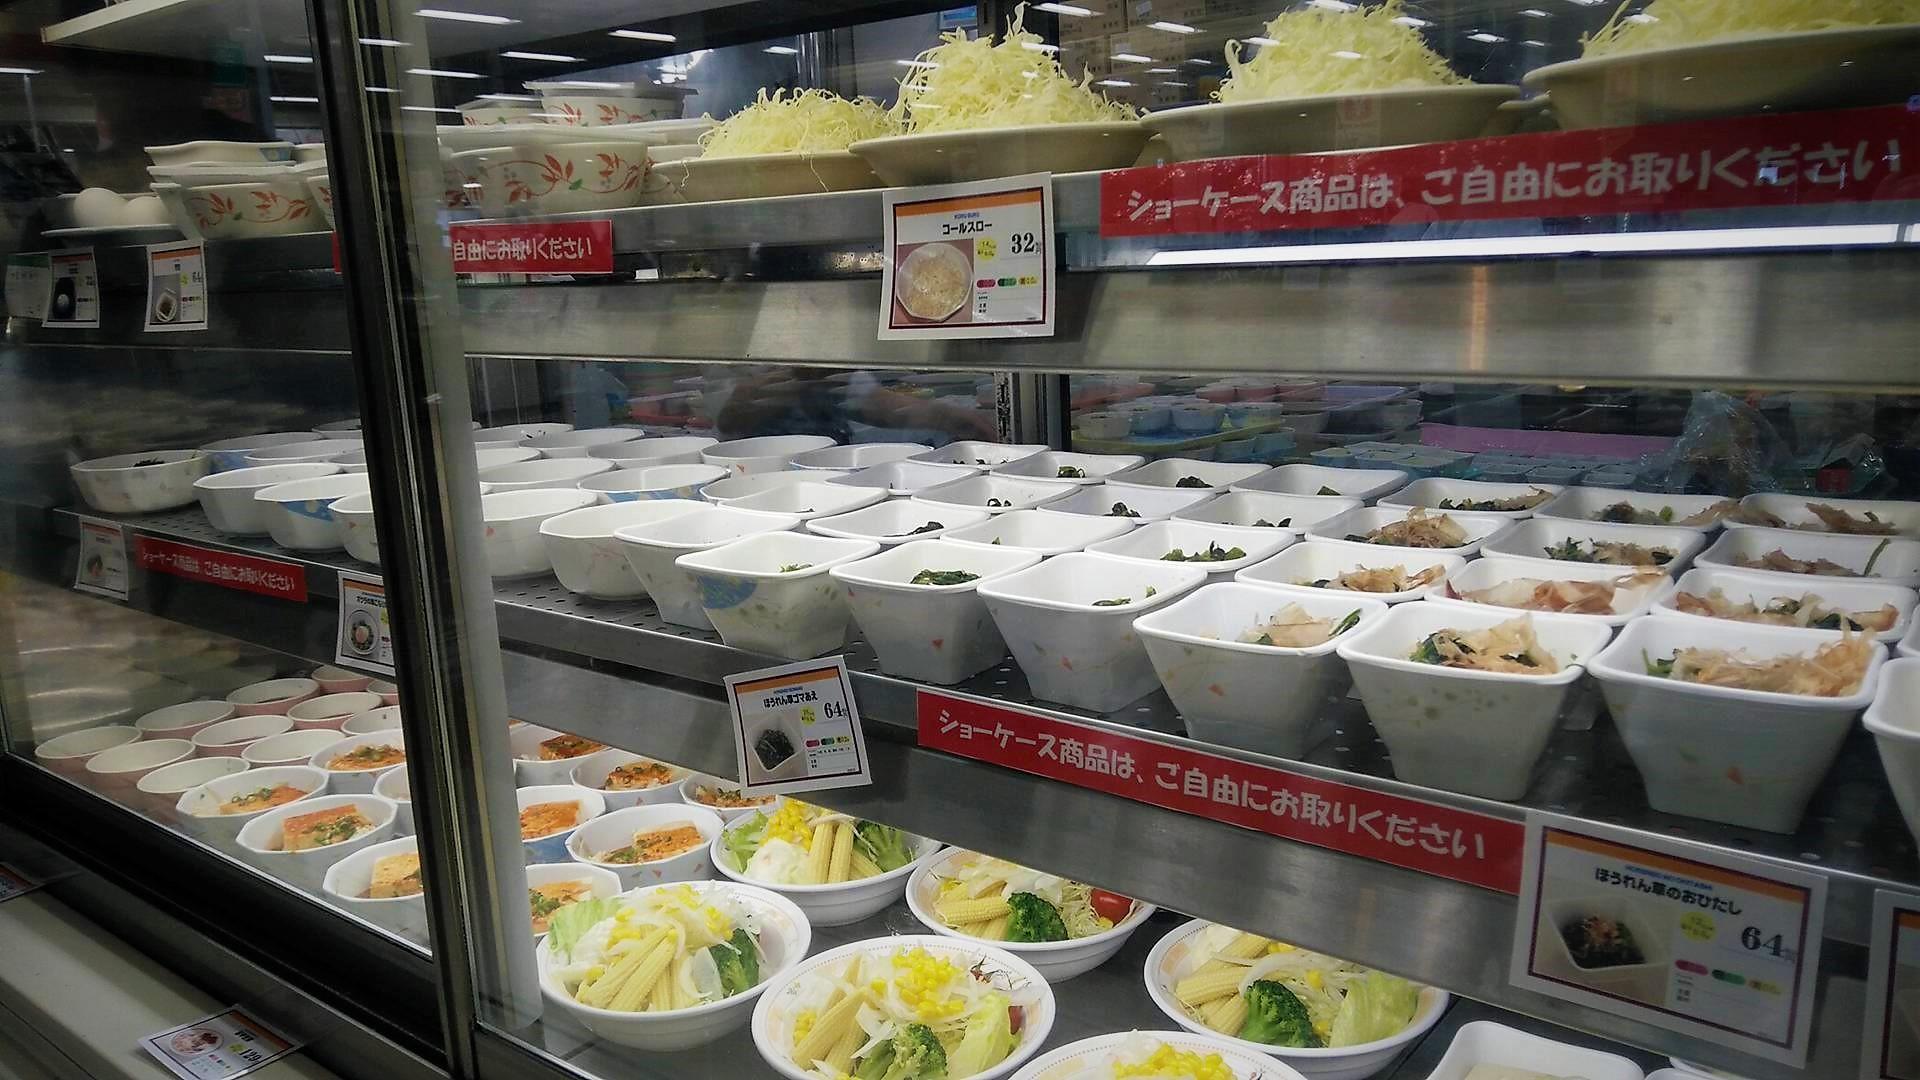 Toog met kleine bordjes groenten, tofu of vlees. Wat verder staat de vis en tonkatsu (schnitzels).